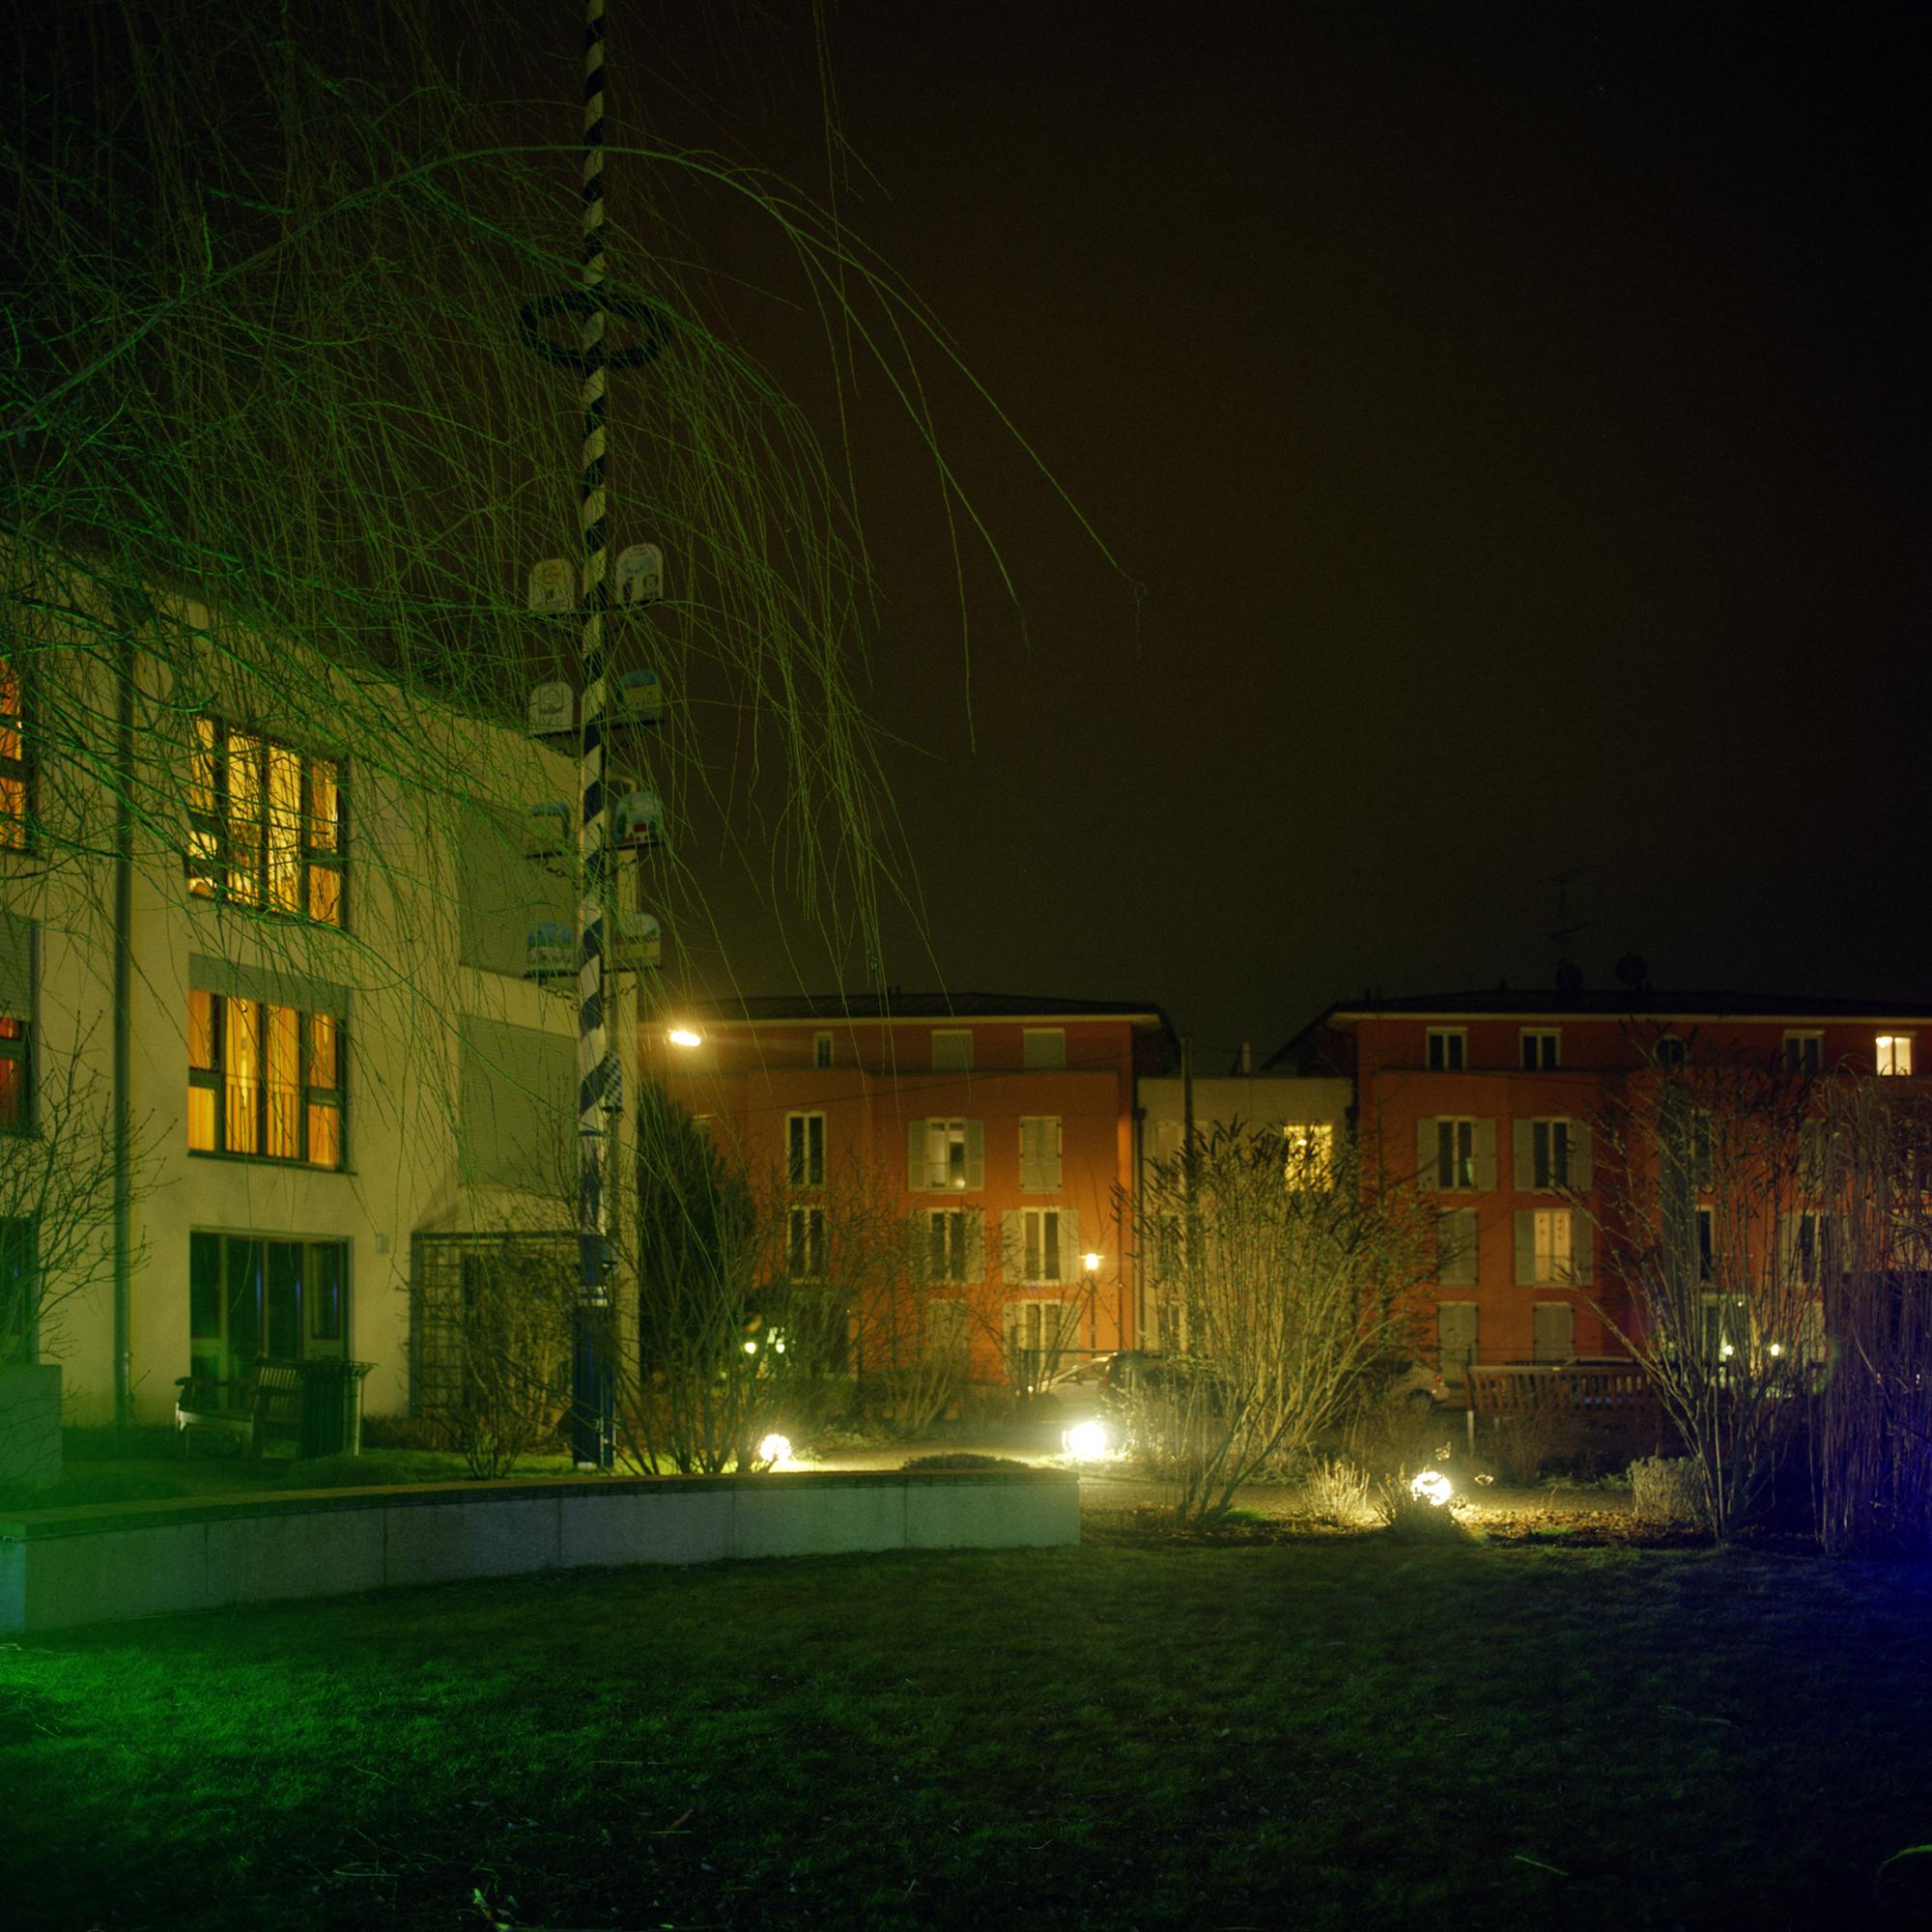 Luise-Kiesselbach-Haus (Kuratorium Wohnen im Alter) , Muenchen. Garten bei Nacht der Einrichtung Lusie Kiselbachhaus in der Graf- Lehndorf Strasse 24, Muenchen am 18. Januar 2011. Nachts wird der Garten azurblau und grün beleuchtet. Fotograf Evi Lemberger